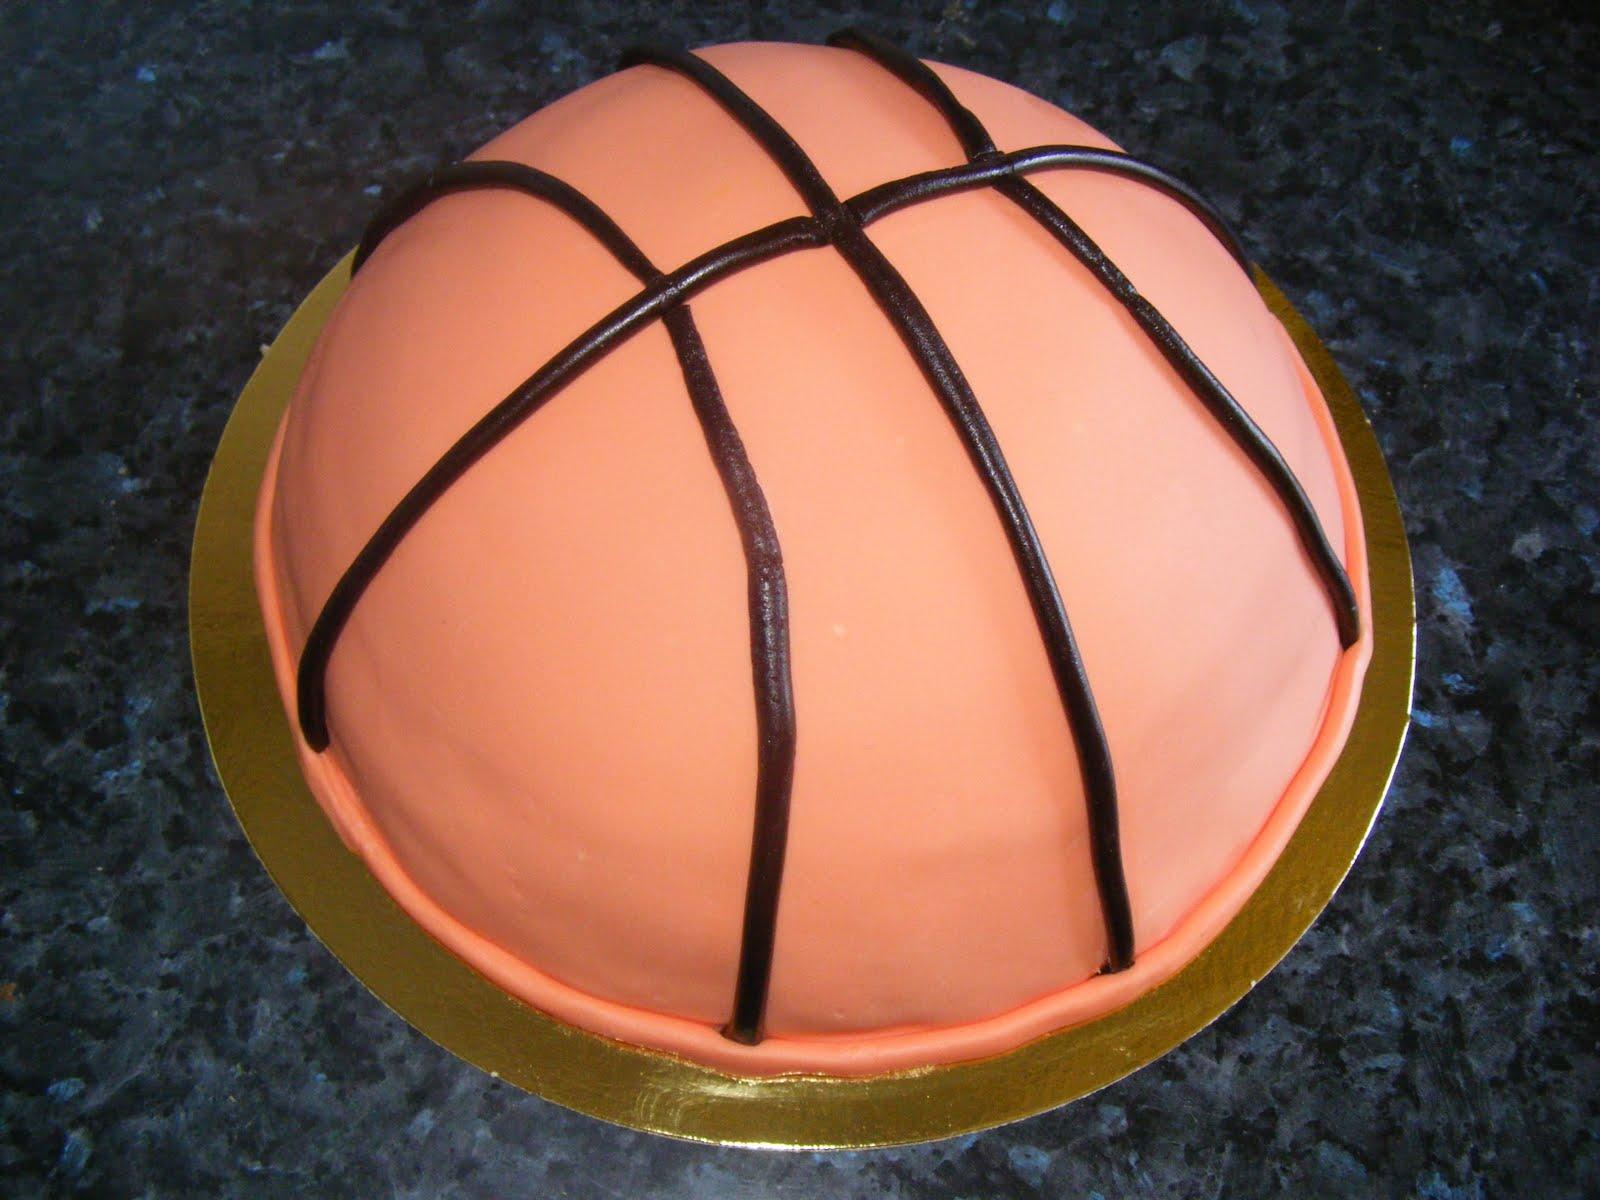 kosárlabda torta képek Tortamóka: Kosárlabda torta kosárlabda torta képek